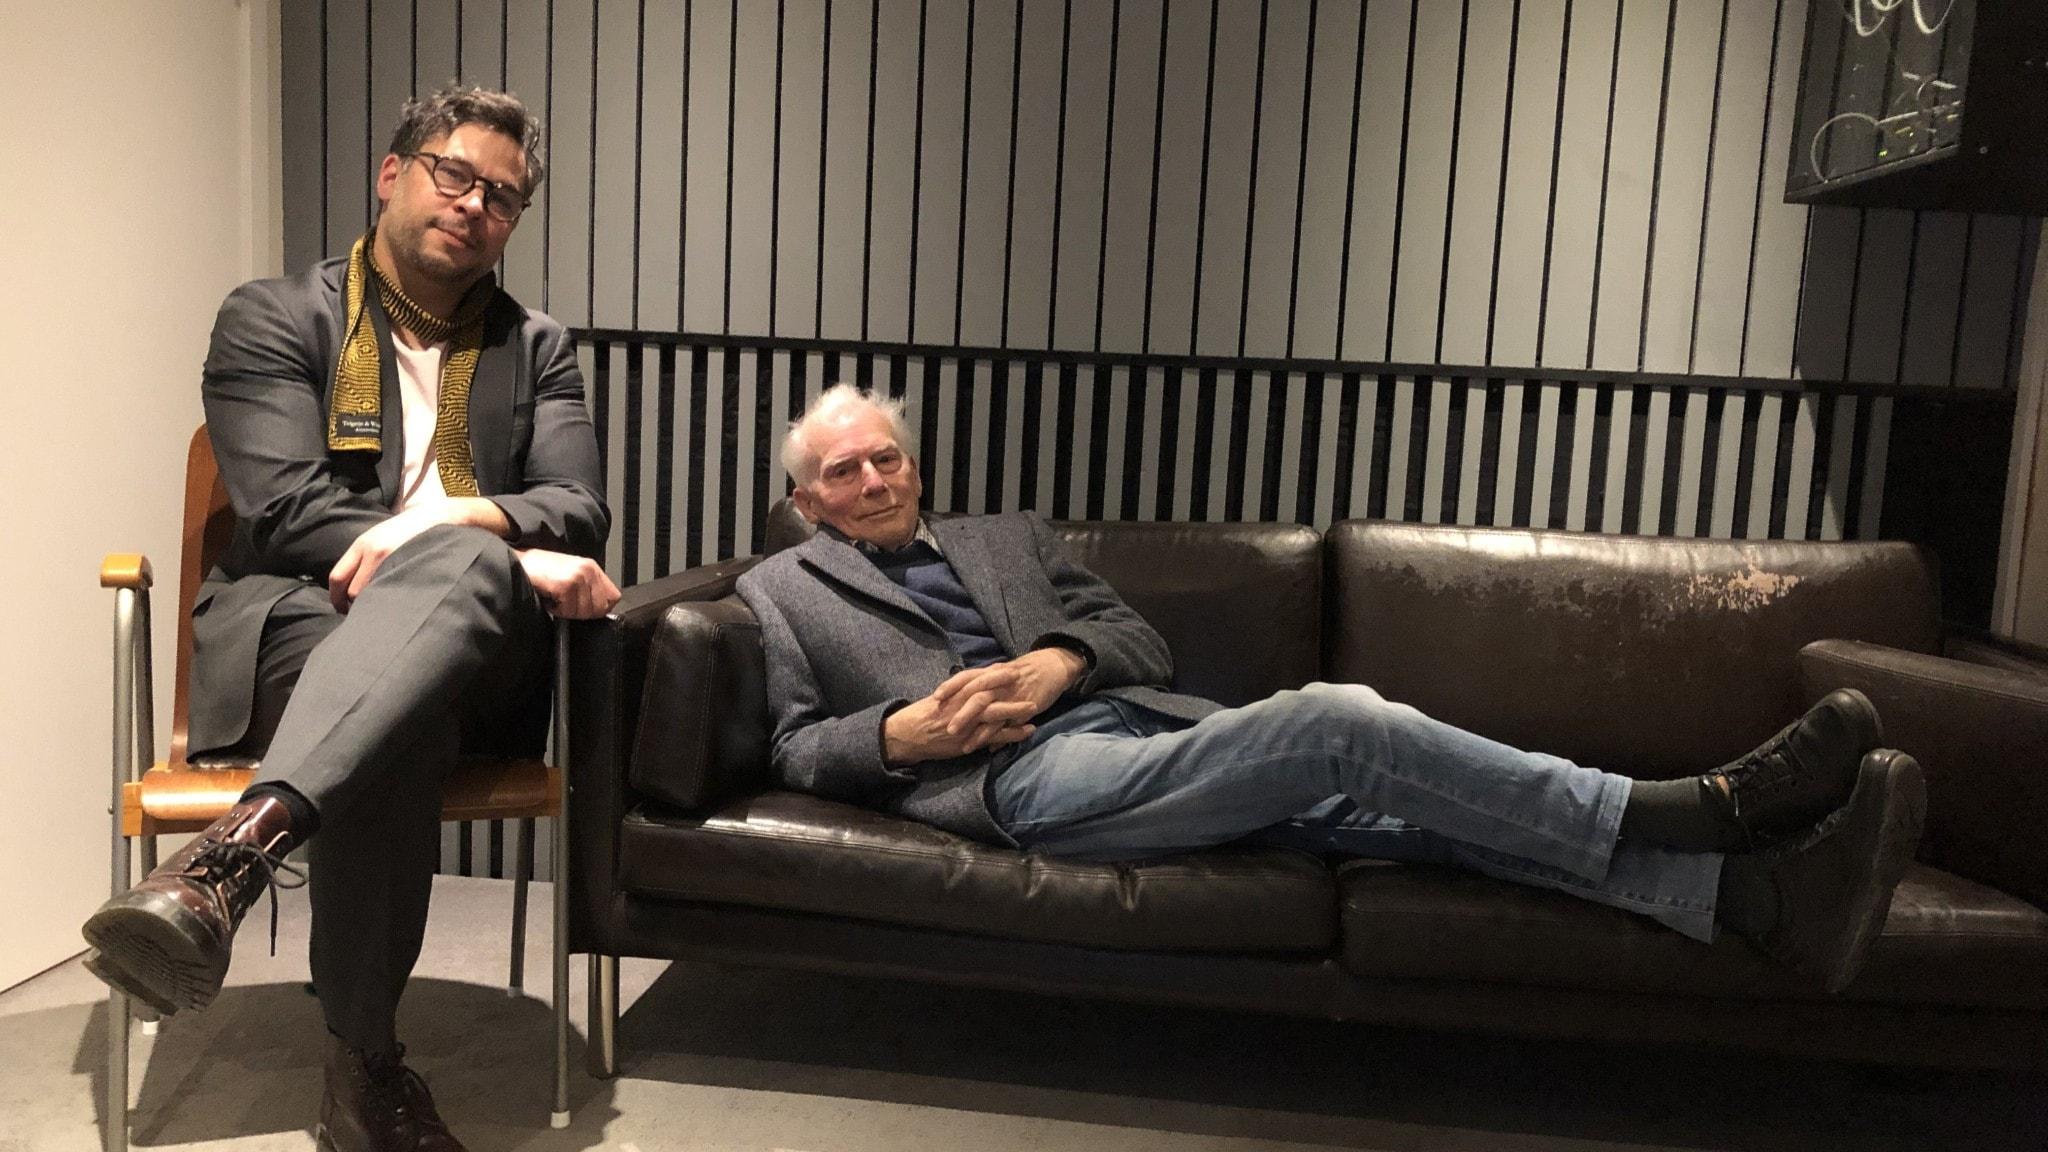 Martin Wicklin sitter på en stol och hans gäst Johan Cullberg ligger på soffan.